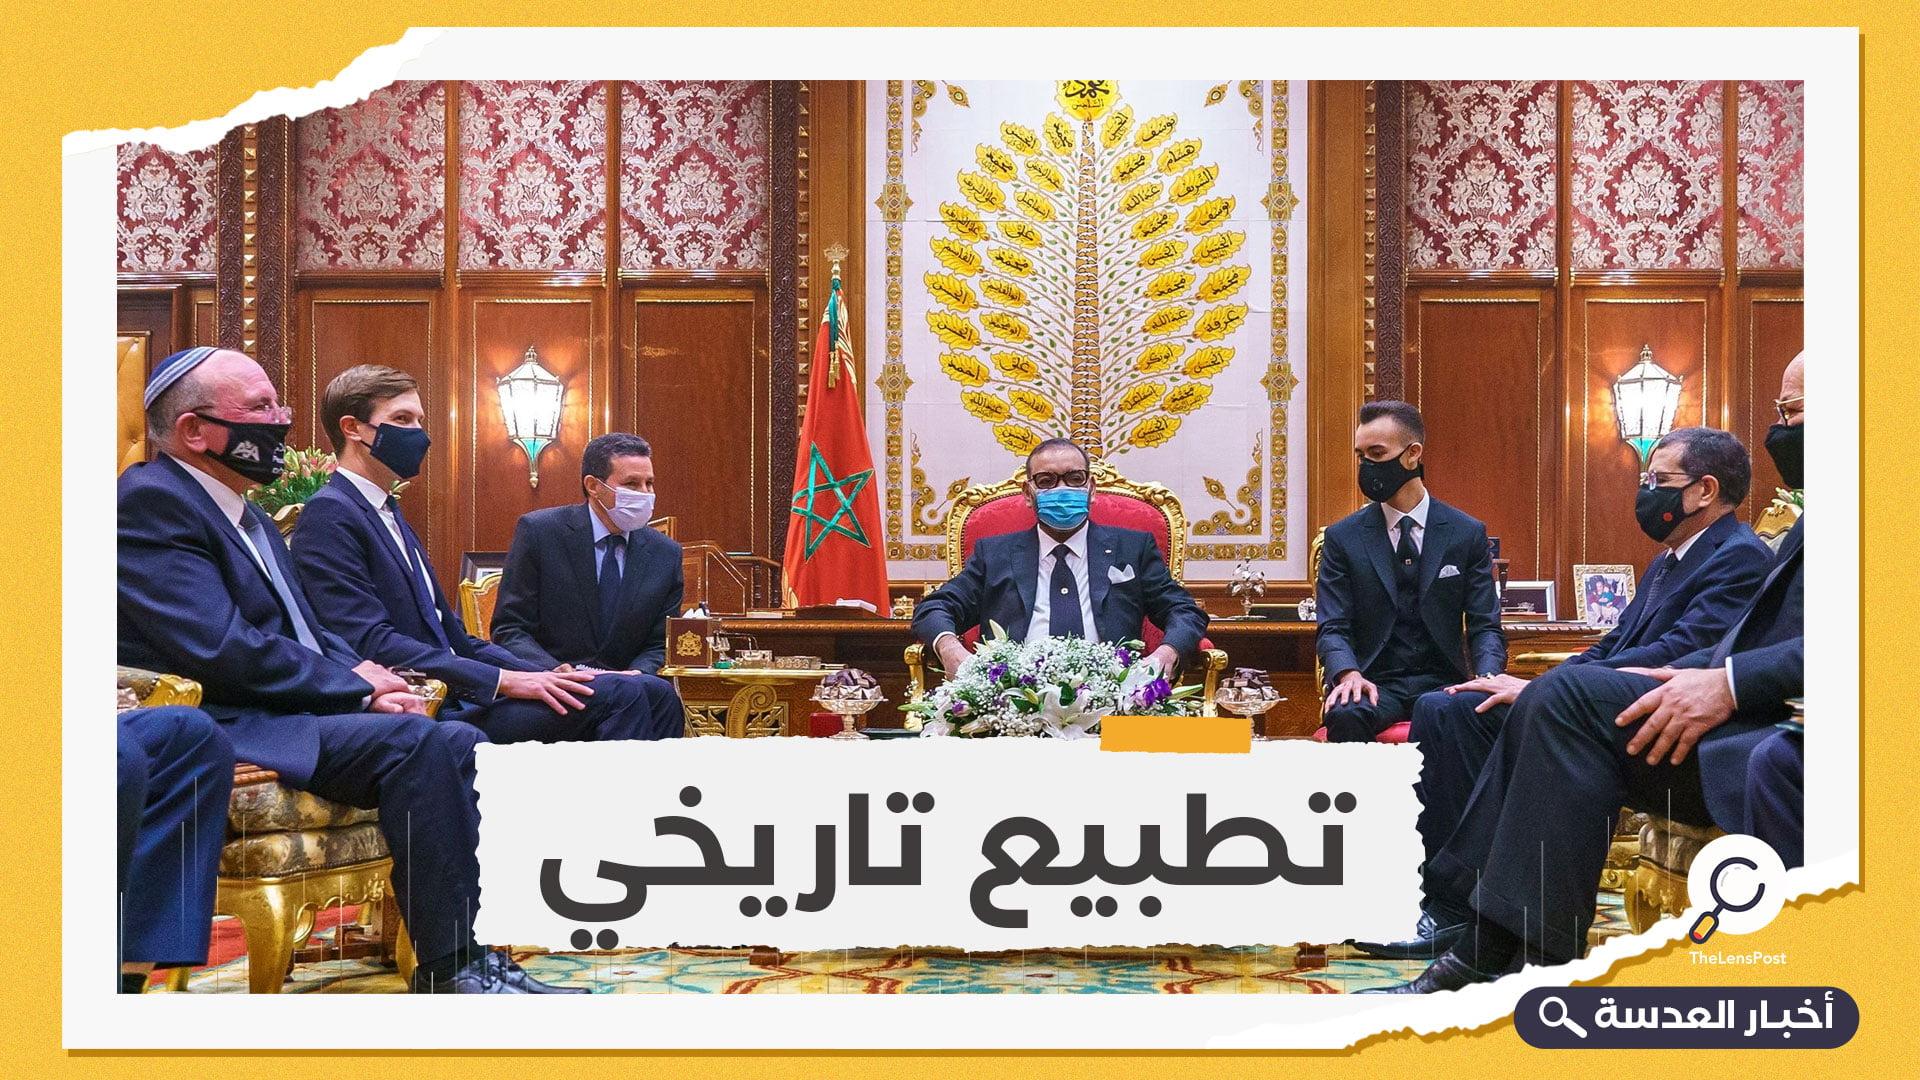 مفاجأة جديدة.. مباحثات التطبيع المغربي بدأت في 2018 بأوامر الملك